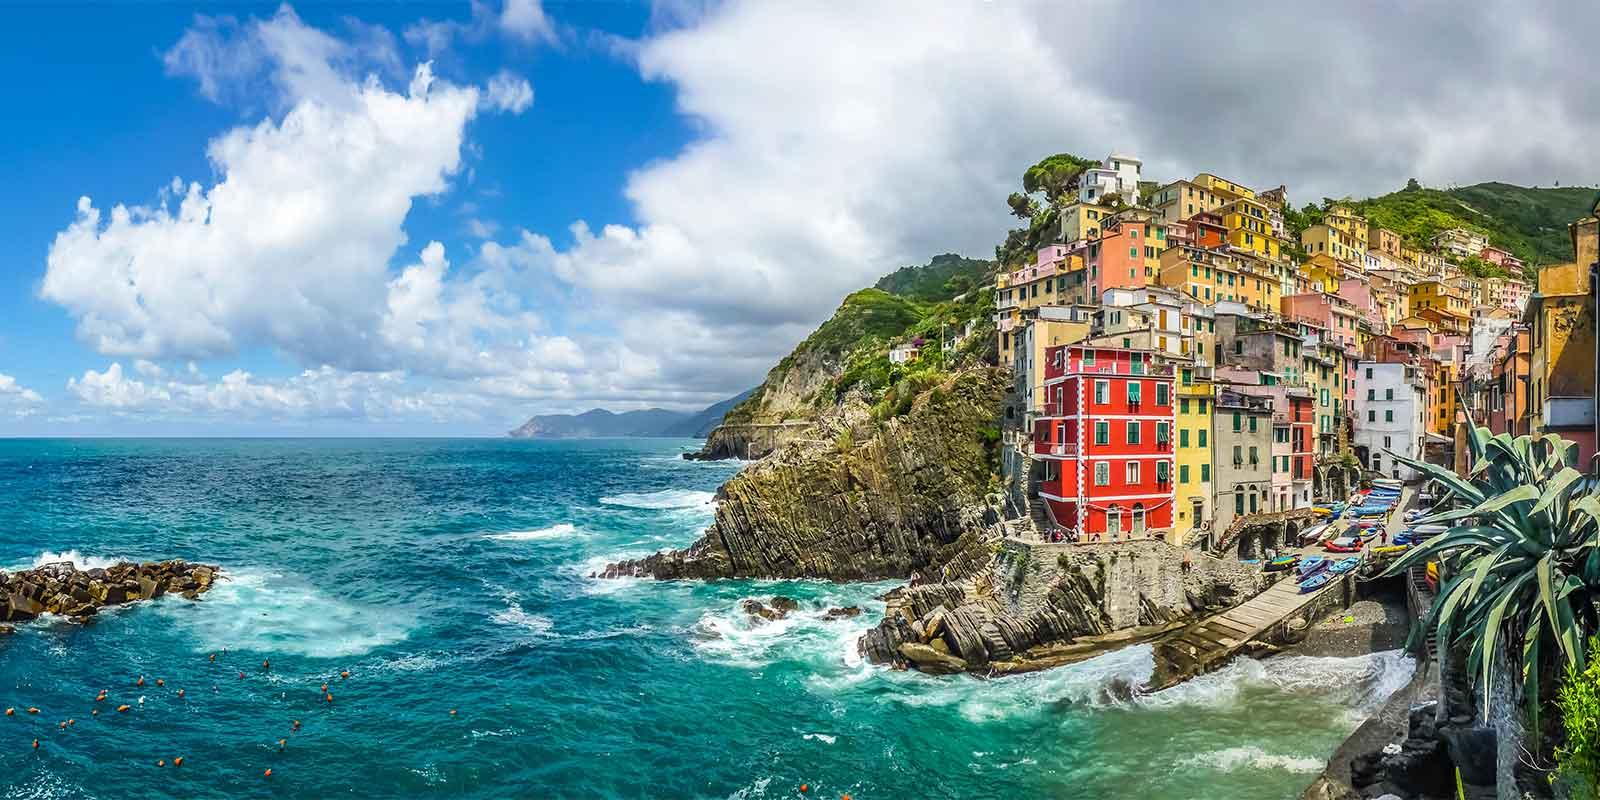 Colourful town of Riomaggiore on the Cinque Terre